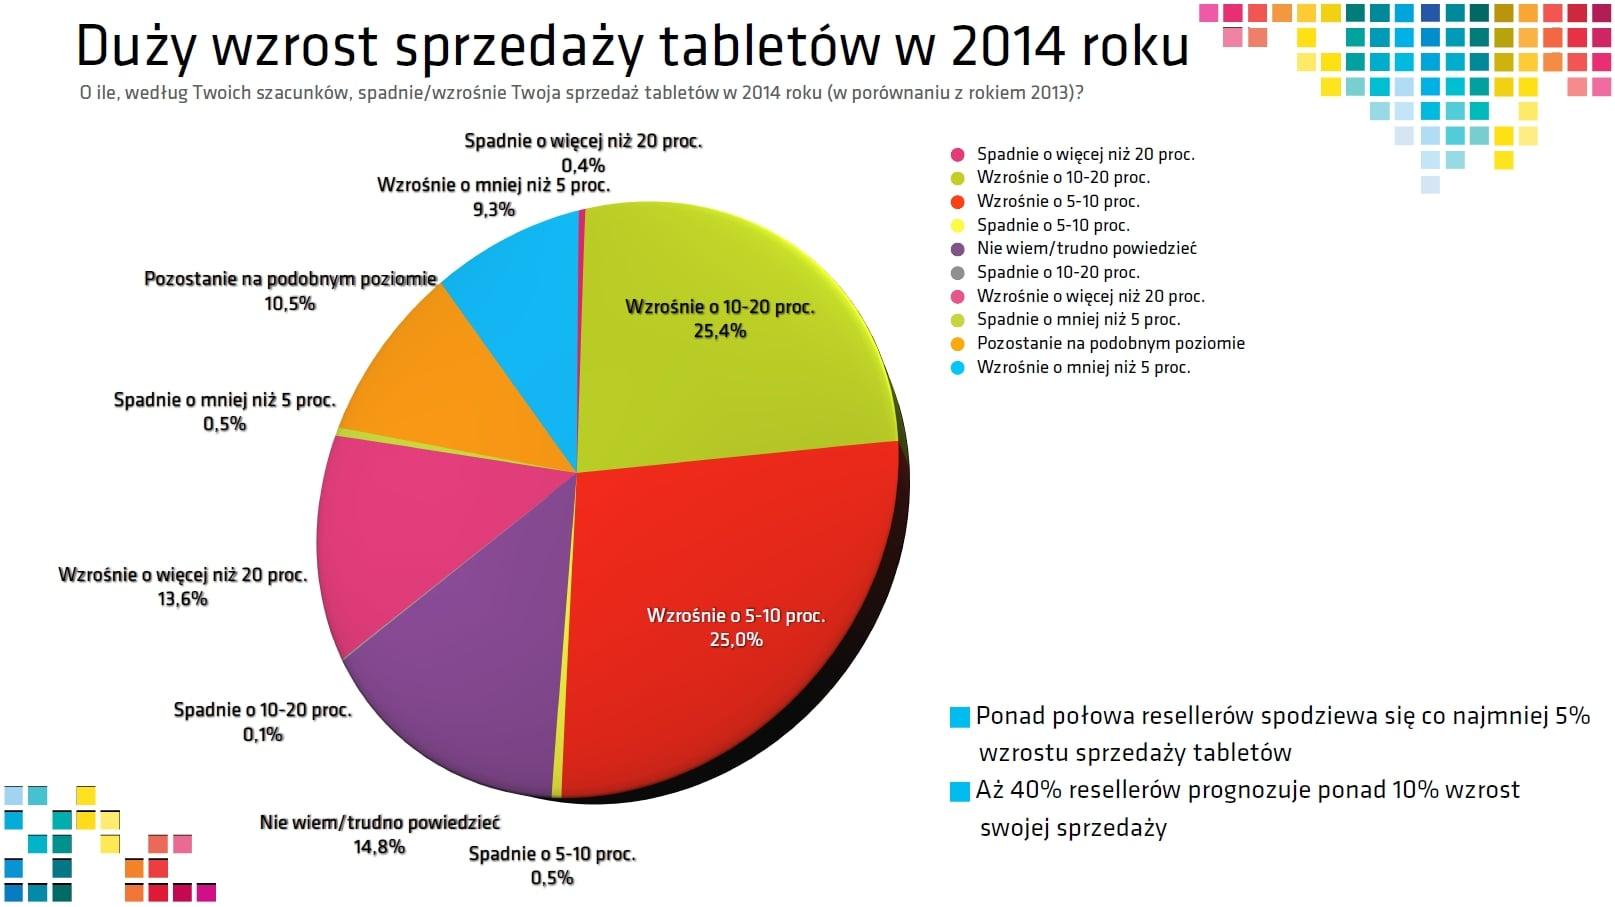 Tabletowo.pl Obraz polskiego rynku tabletów w 2014 roku według resellerów - ciekawe dane w jednym miejscu Ciekawostki Nowości